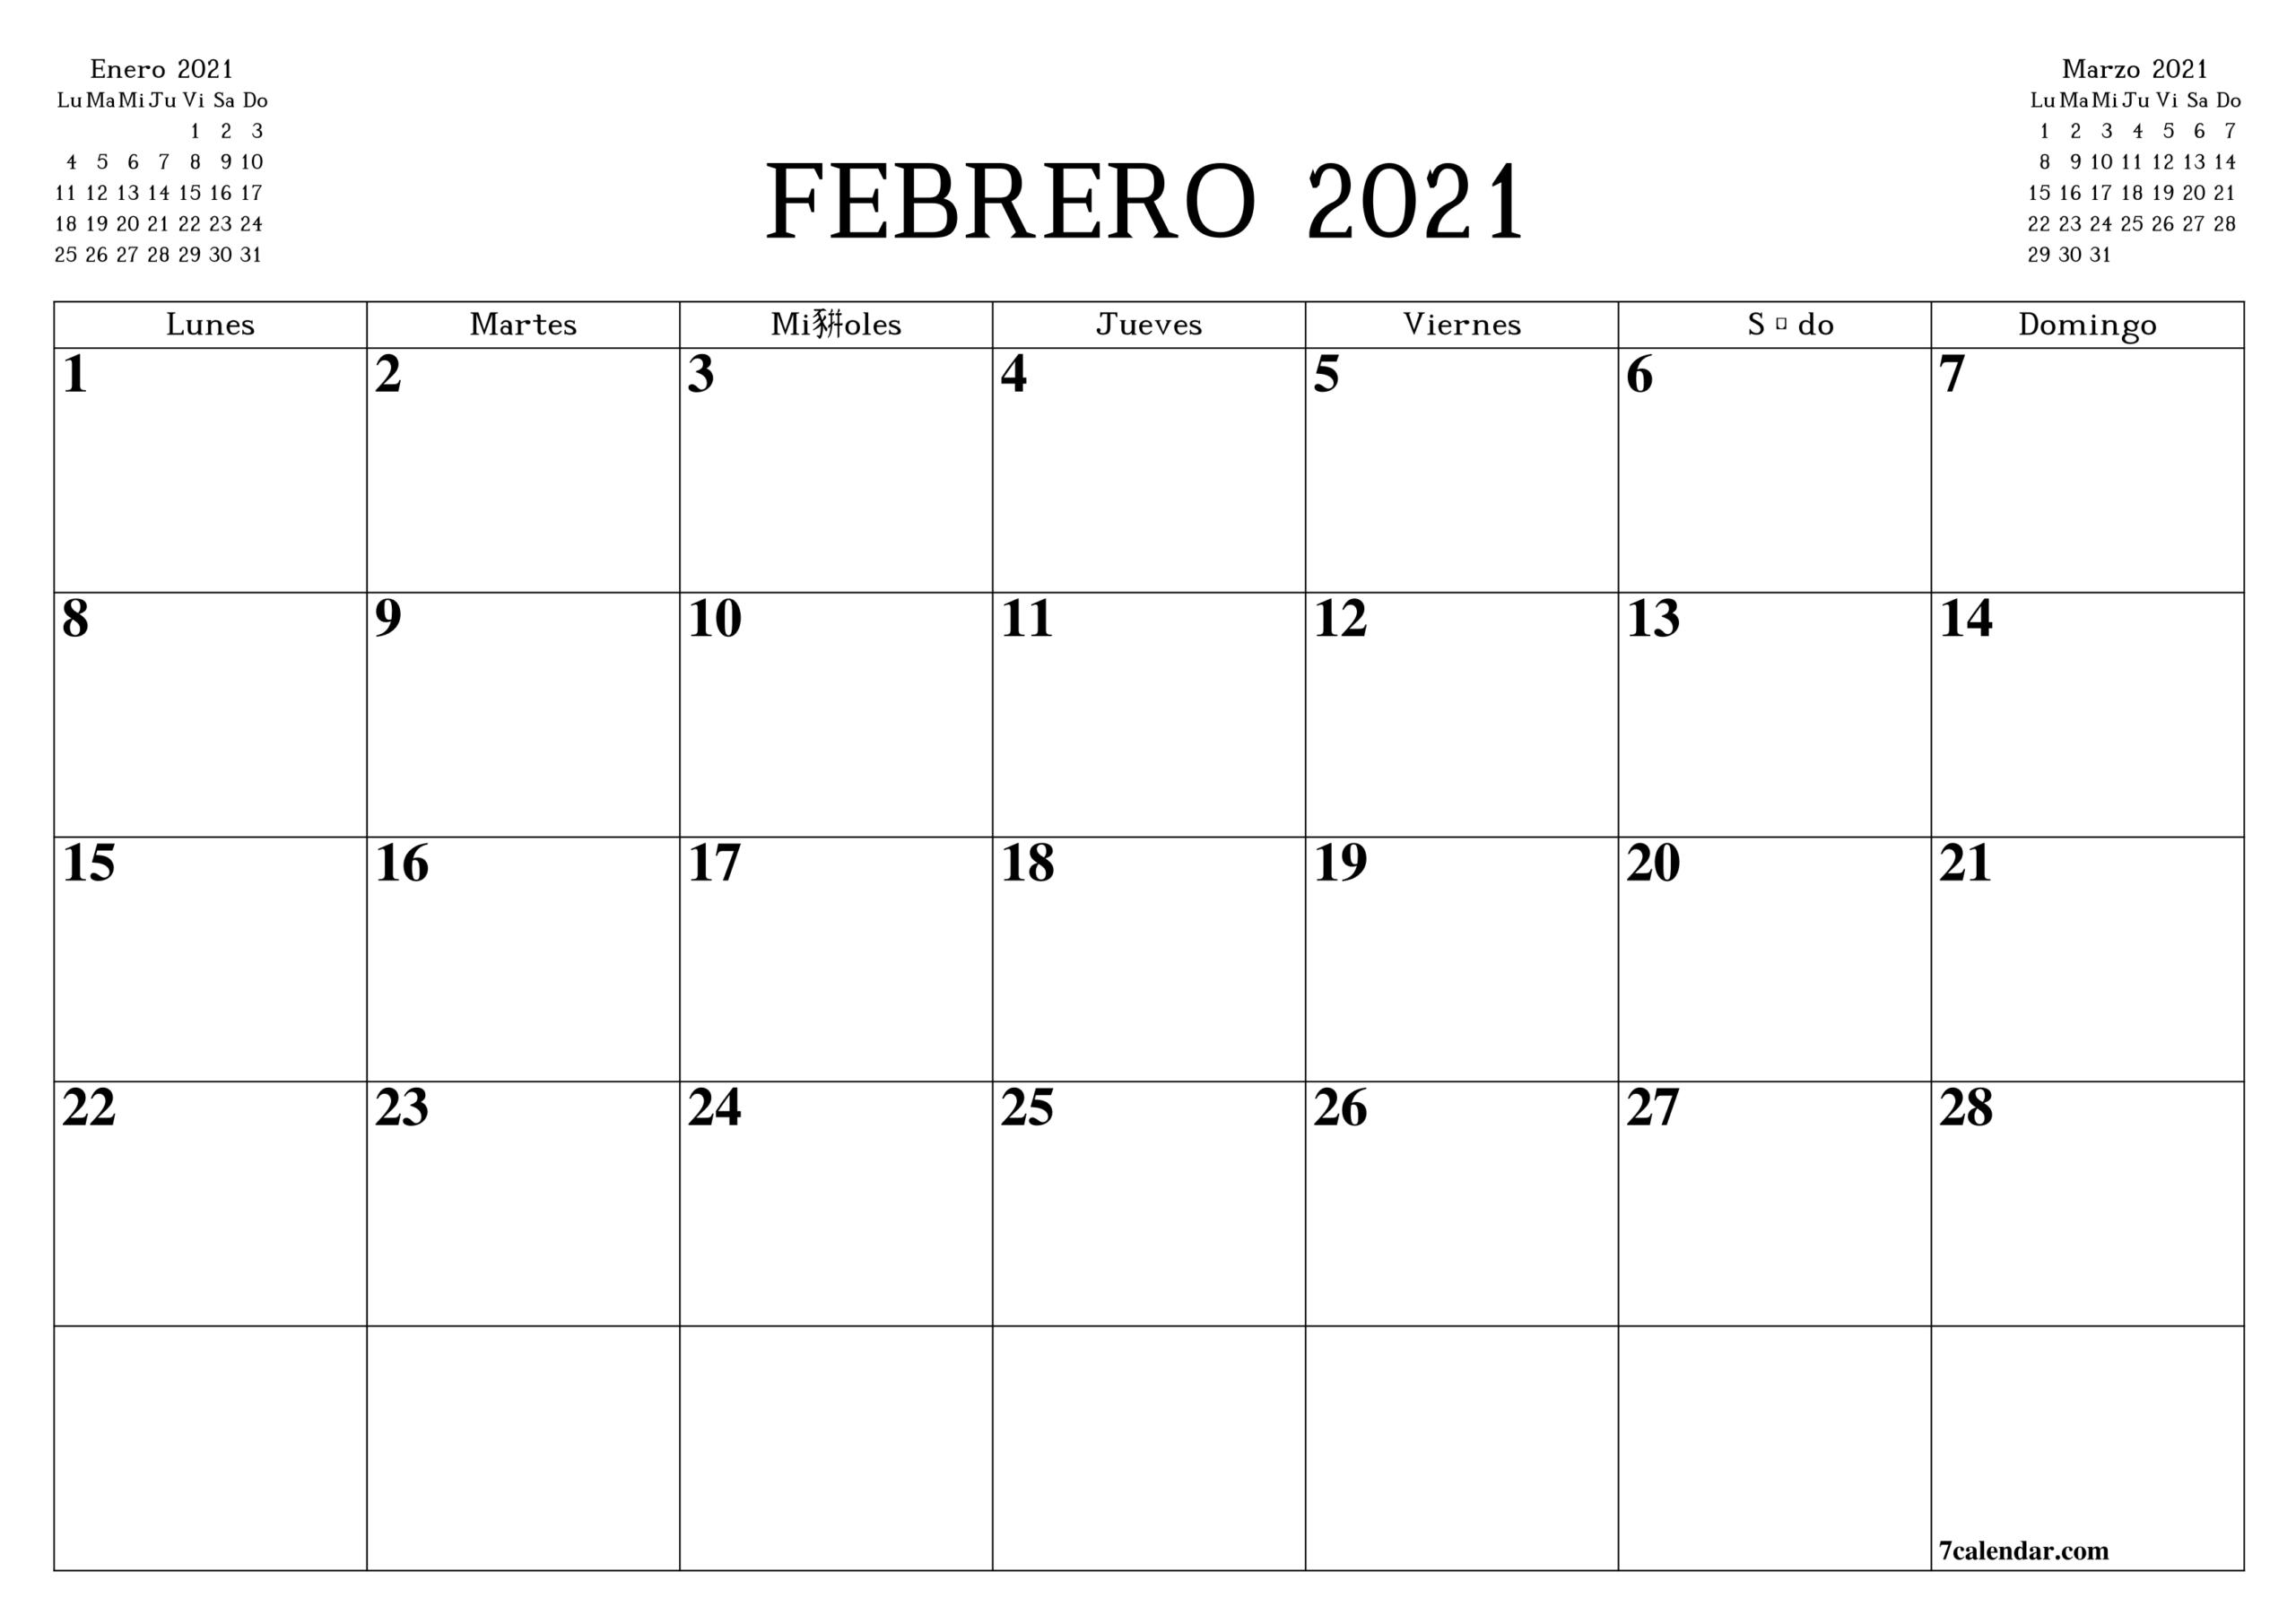 Calendario En Blanco Imprimible A4, A5 Y A3, Pdf Y Png